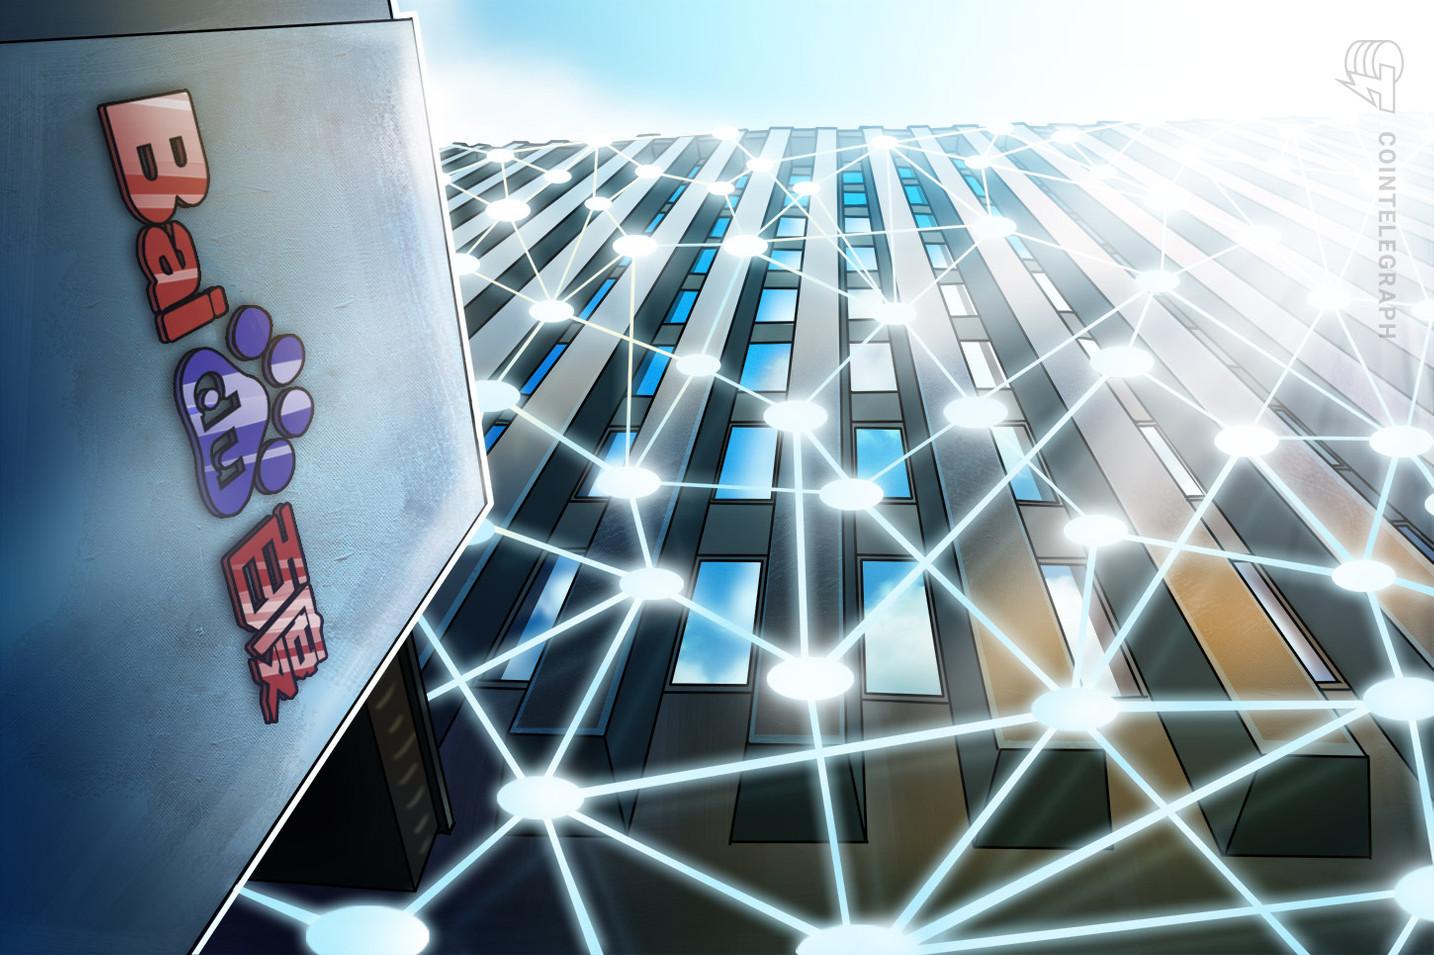 Gigante chinesa Baidu lança OS blockchain para apoiar desenvolvimento de DApp